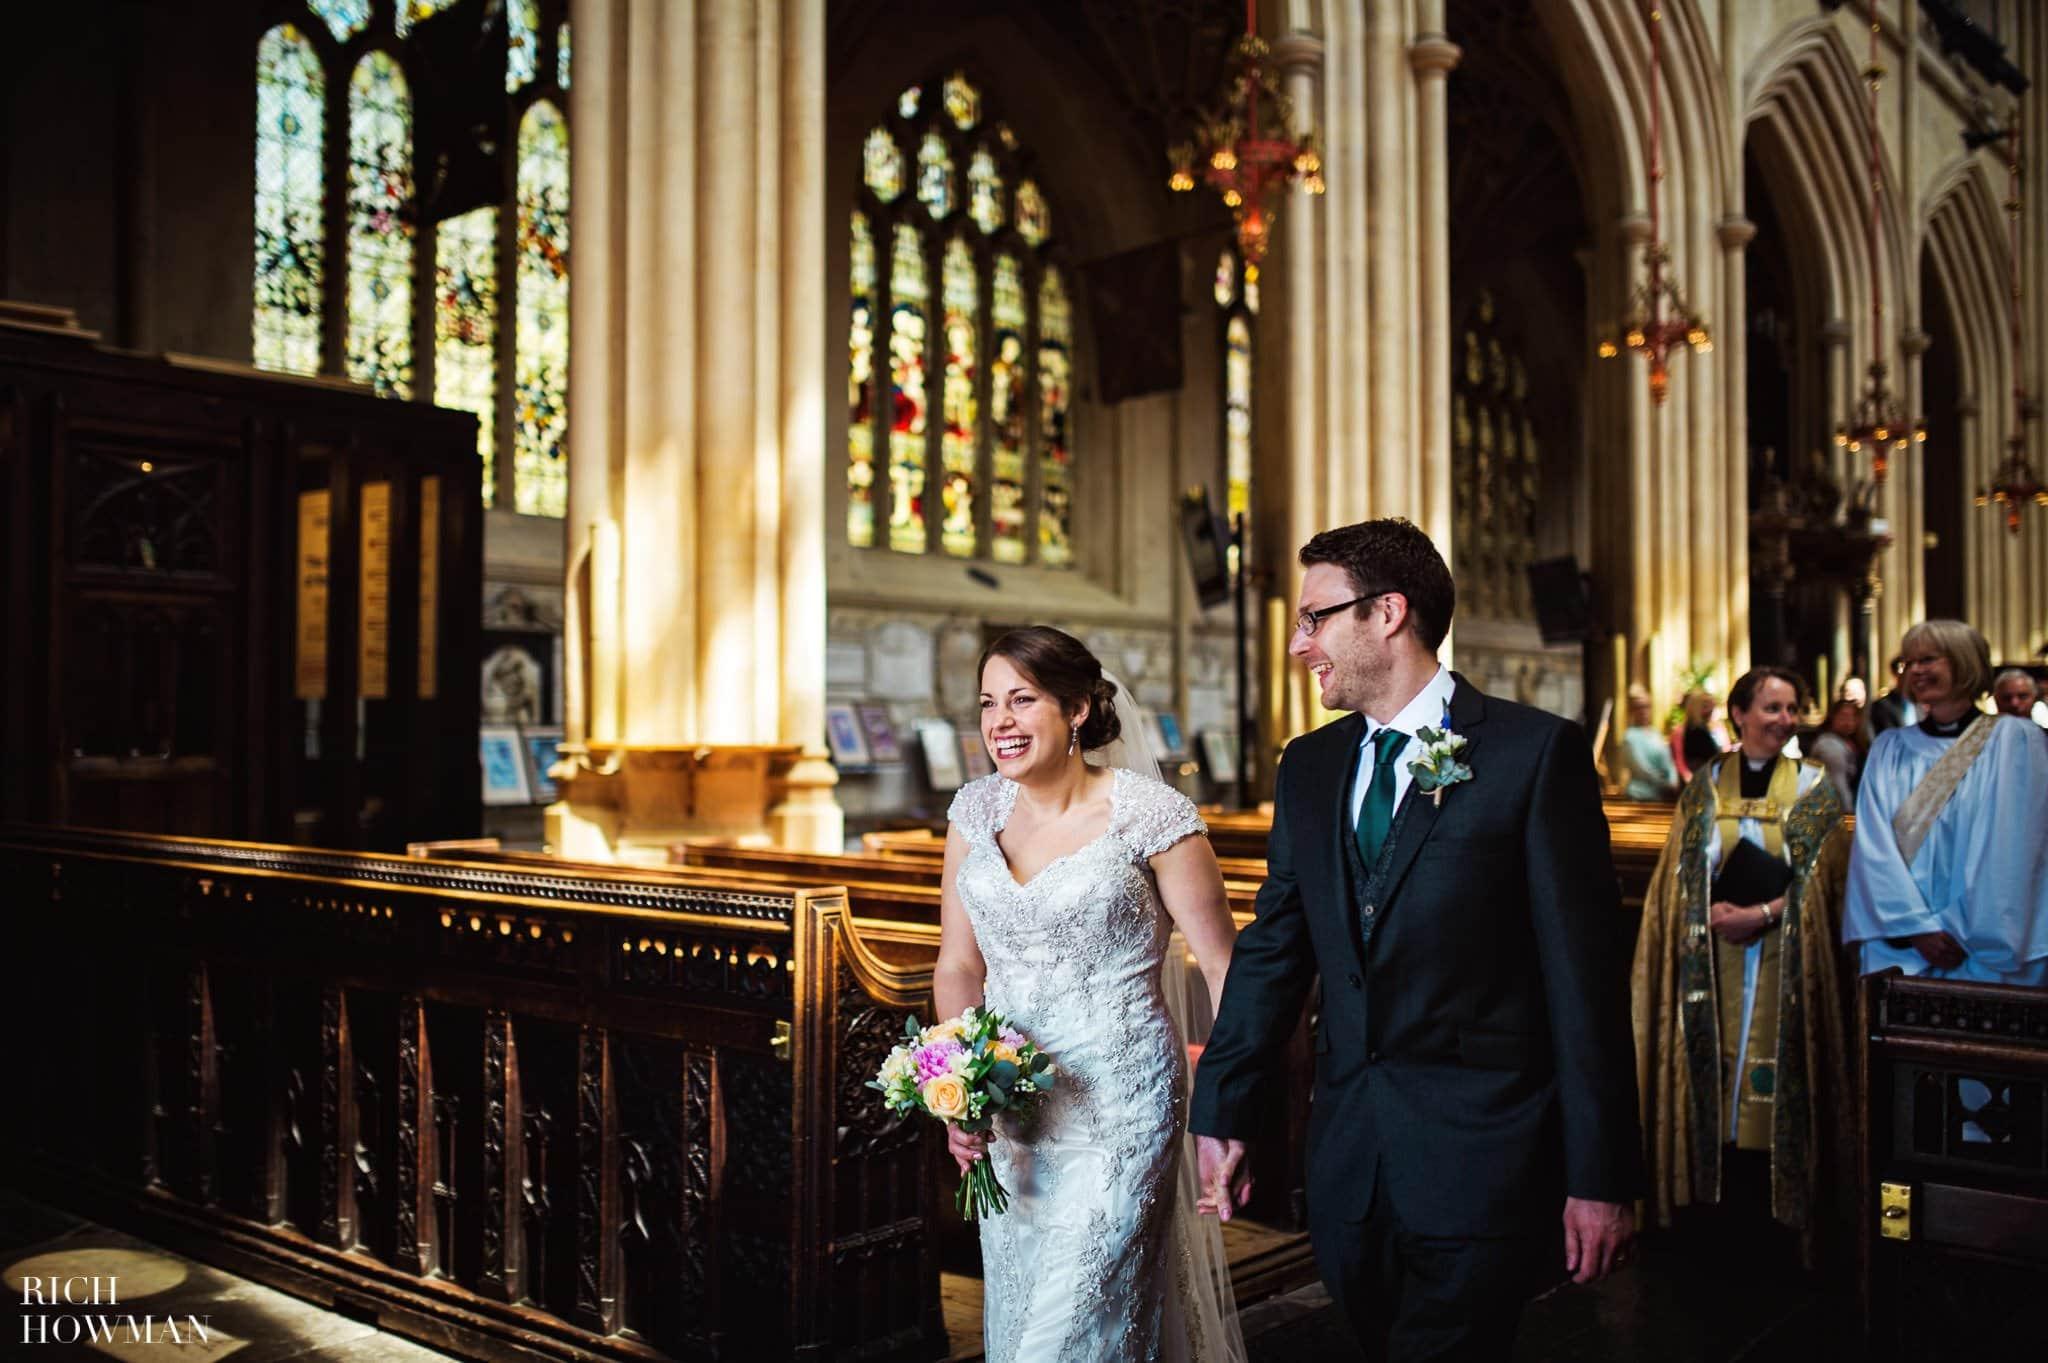 Wedding at Bath Abbey   Reception at Priston Mill, Bath 97